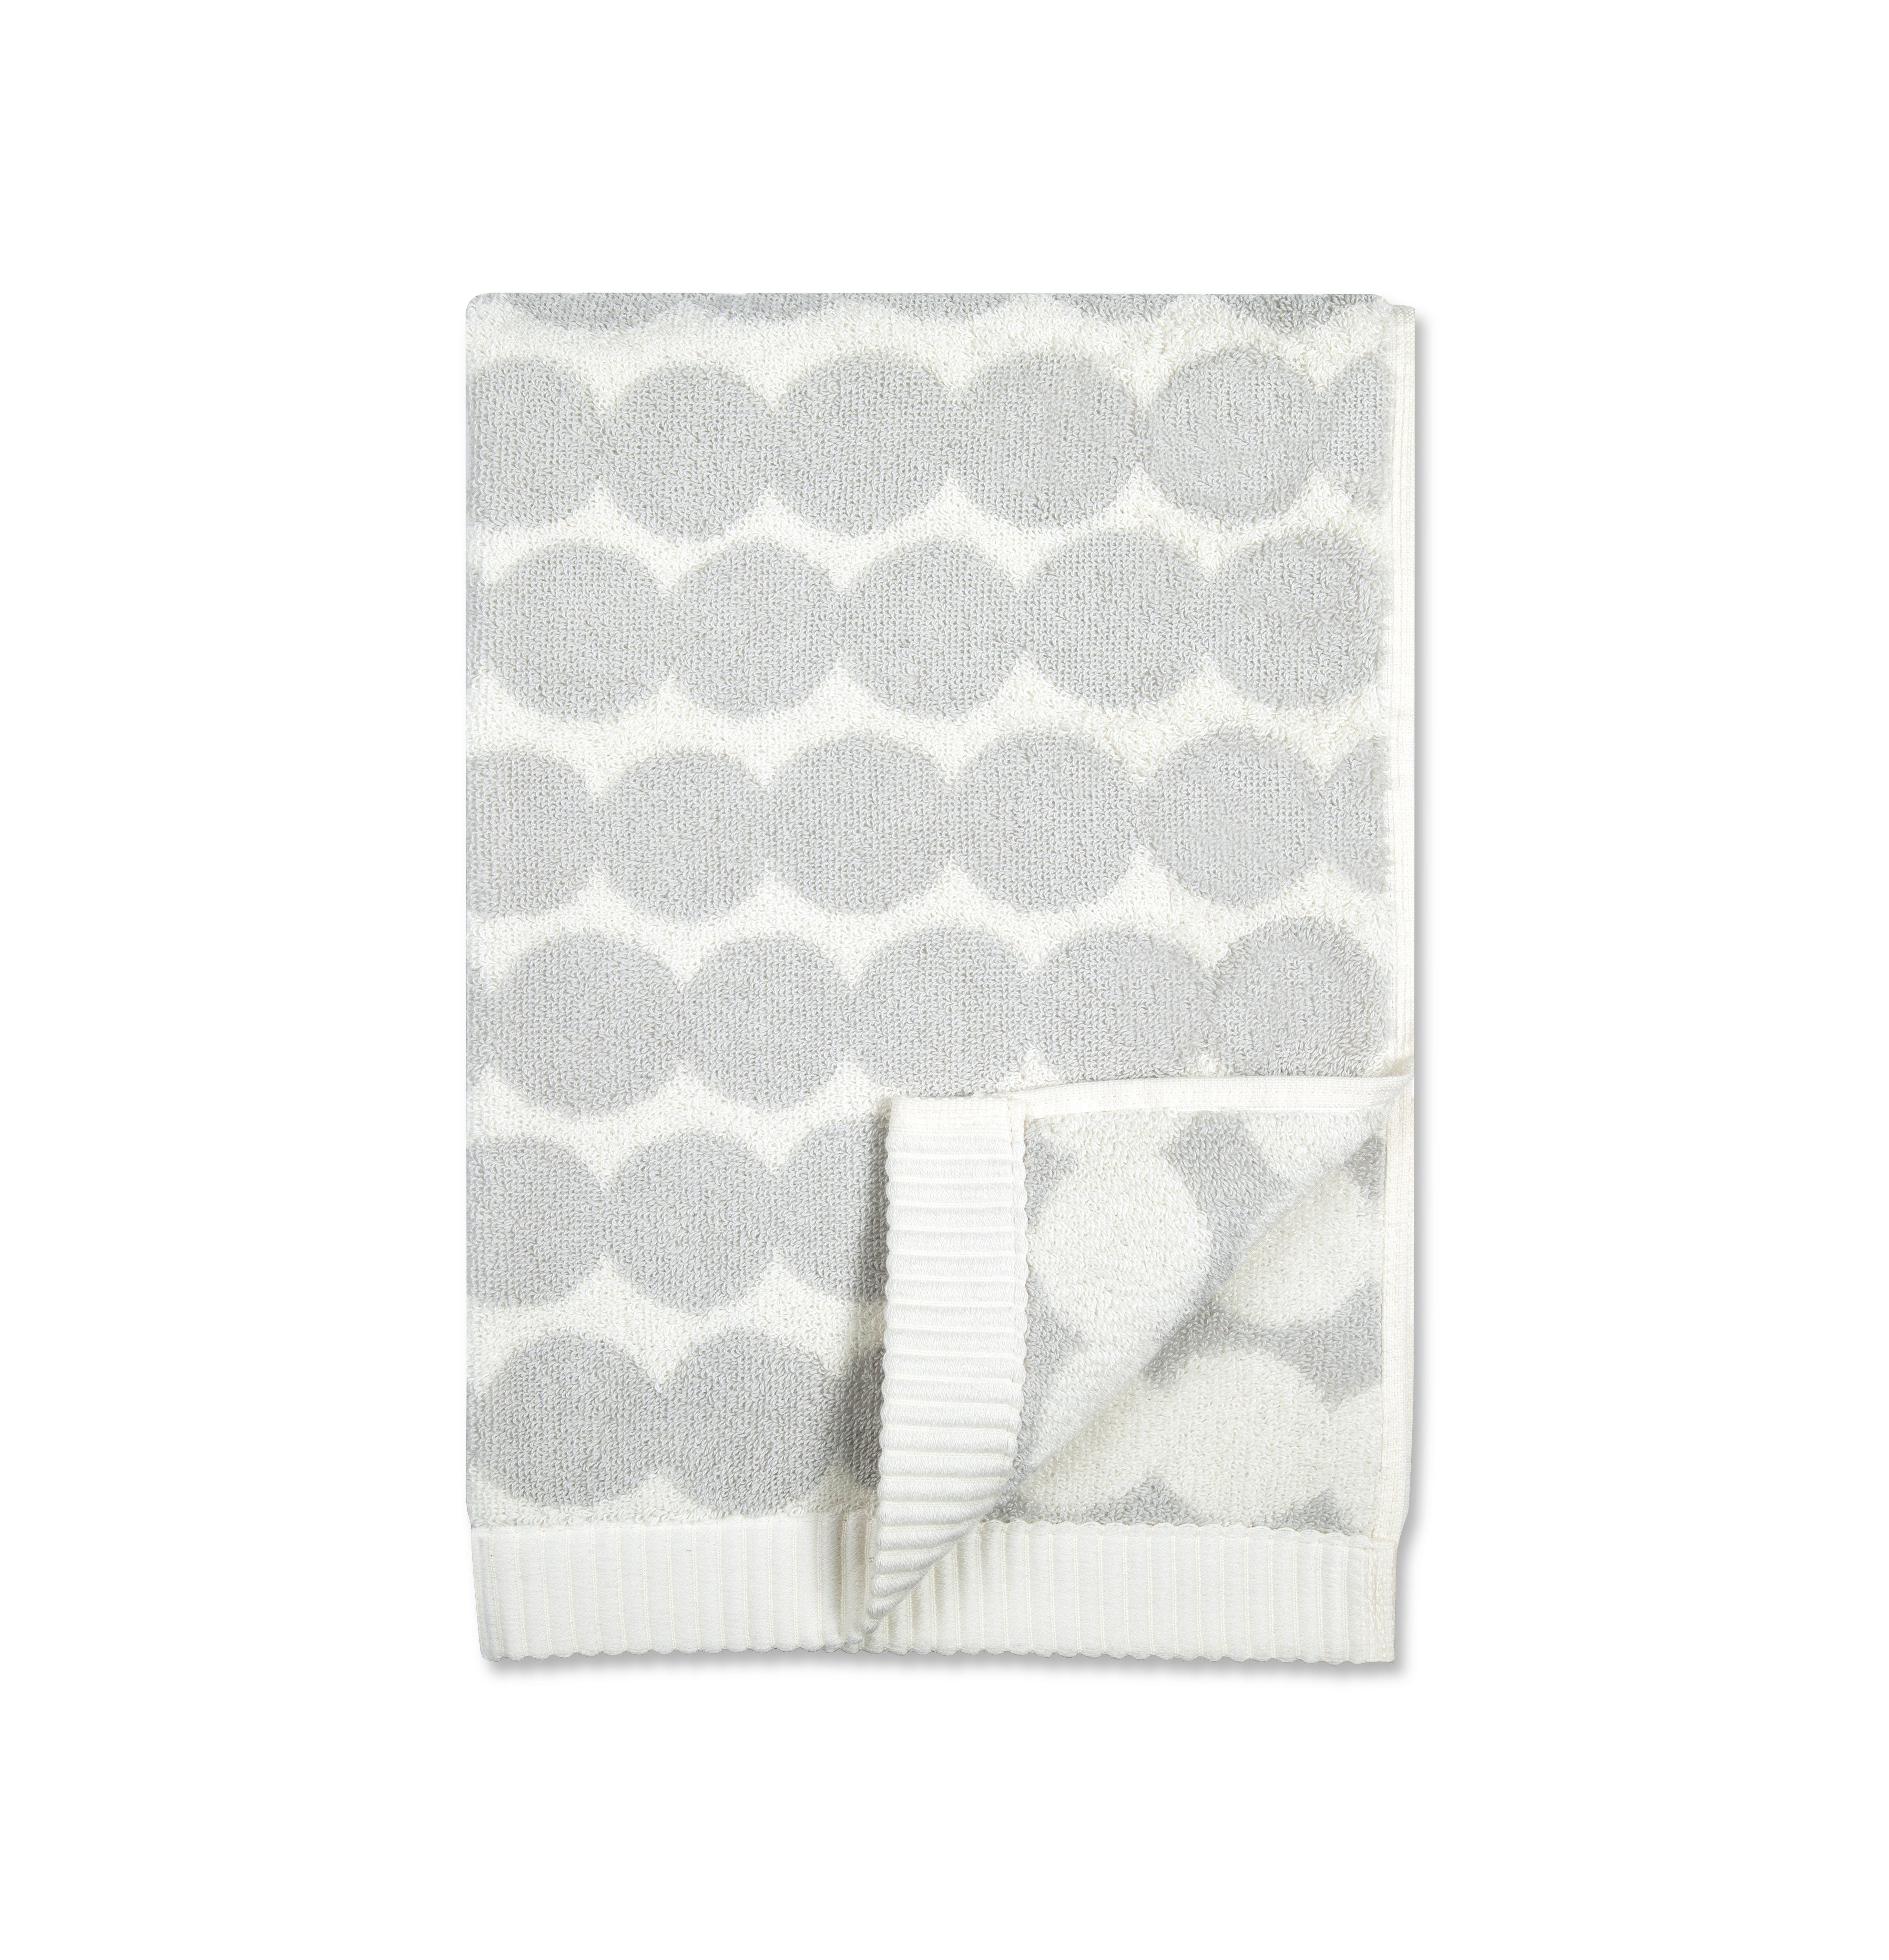 Déco - Textile - Serviette de toilette Räsymatto / 30 x 50 cm - Marimekko - Räsymatto / Blanc & gris clair - Coton éponge